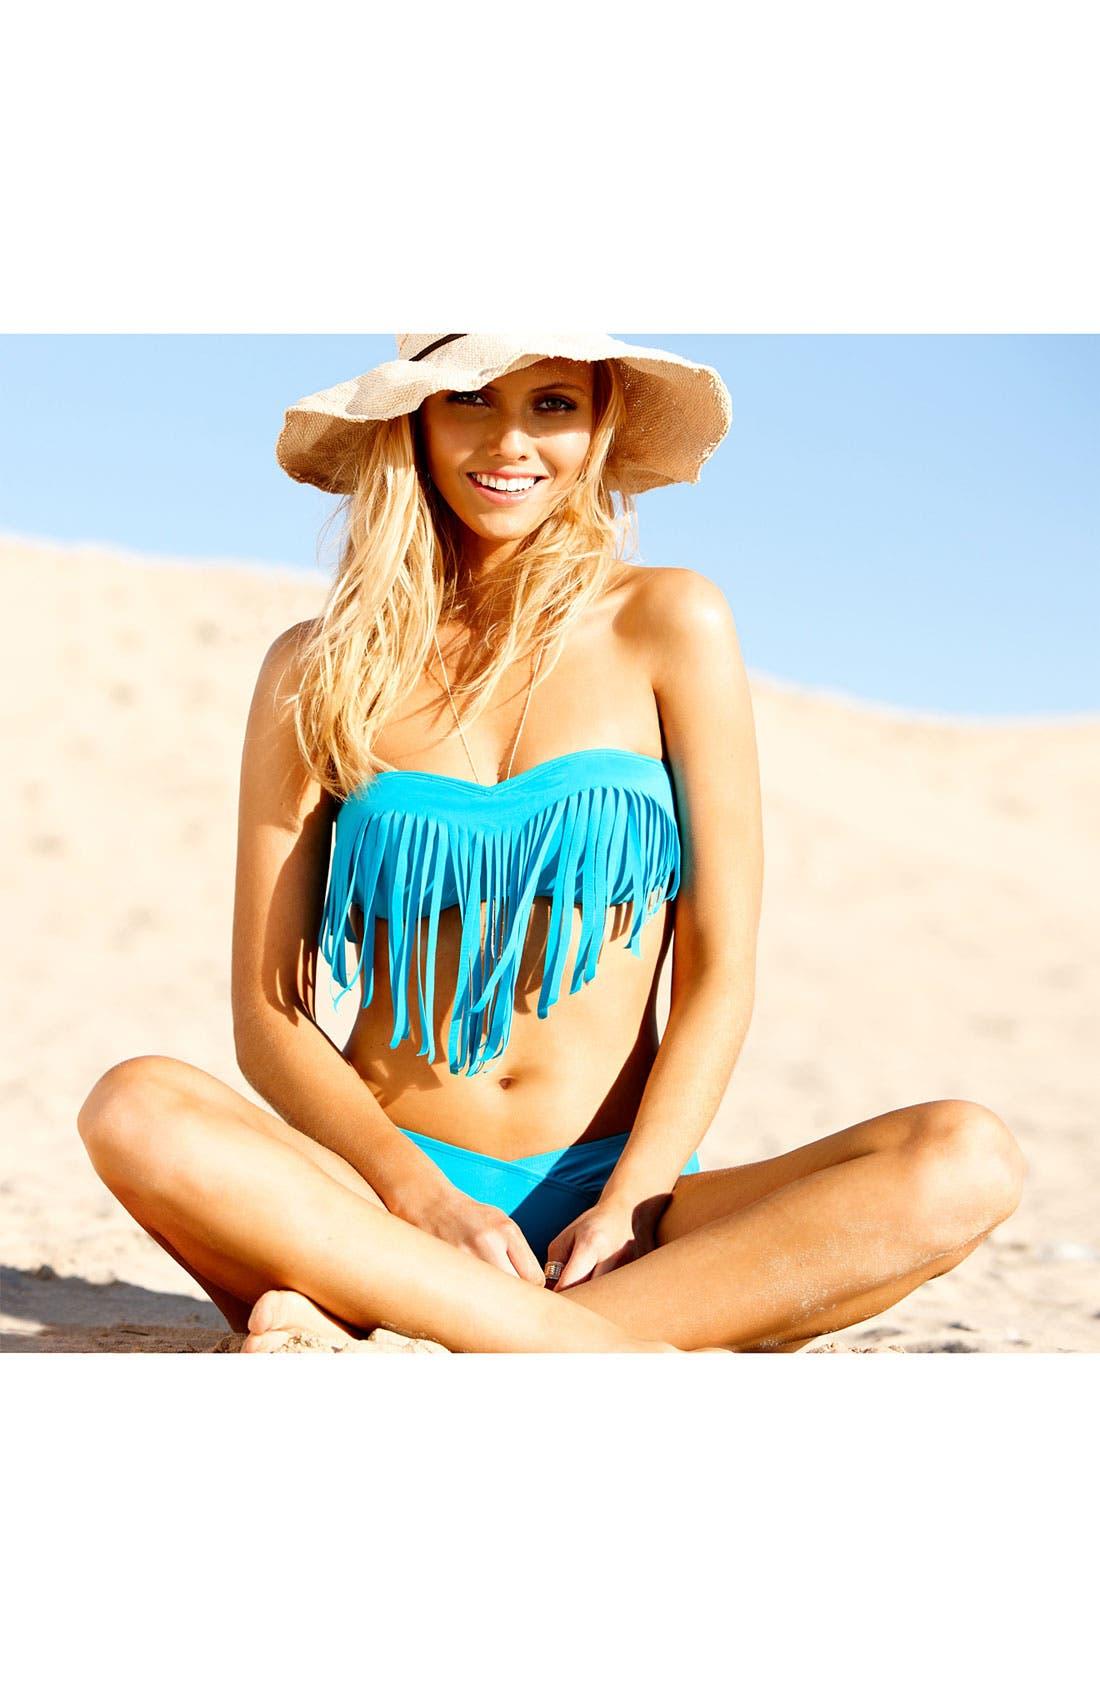 Main Image - Roxy Fringe Bikini Top & Bottoms